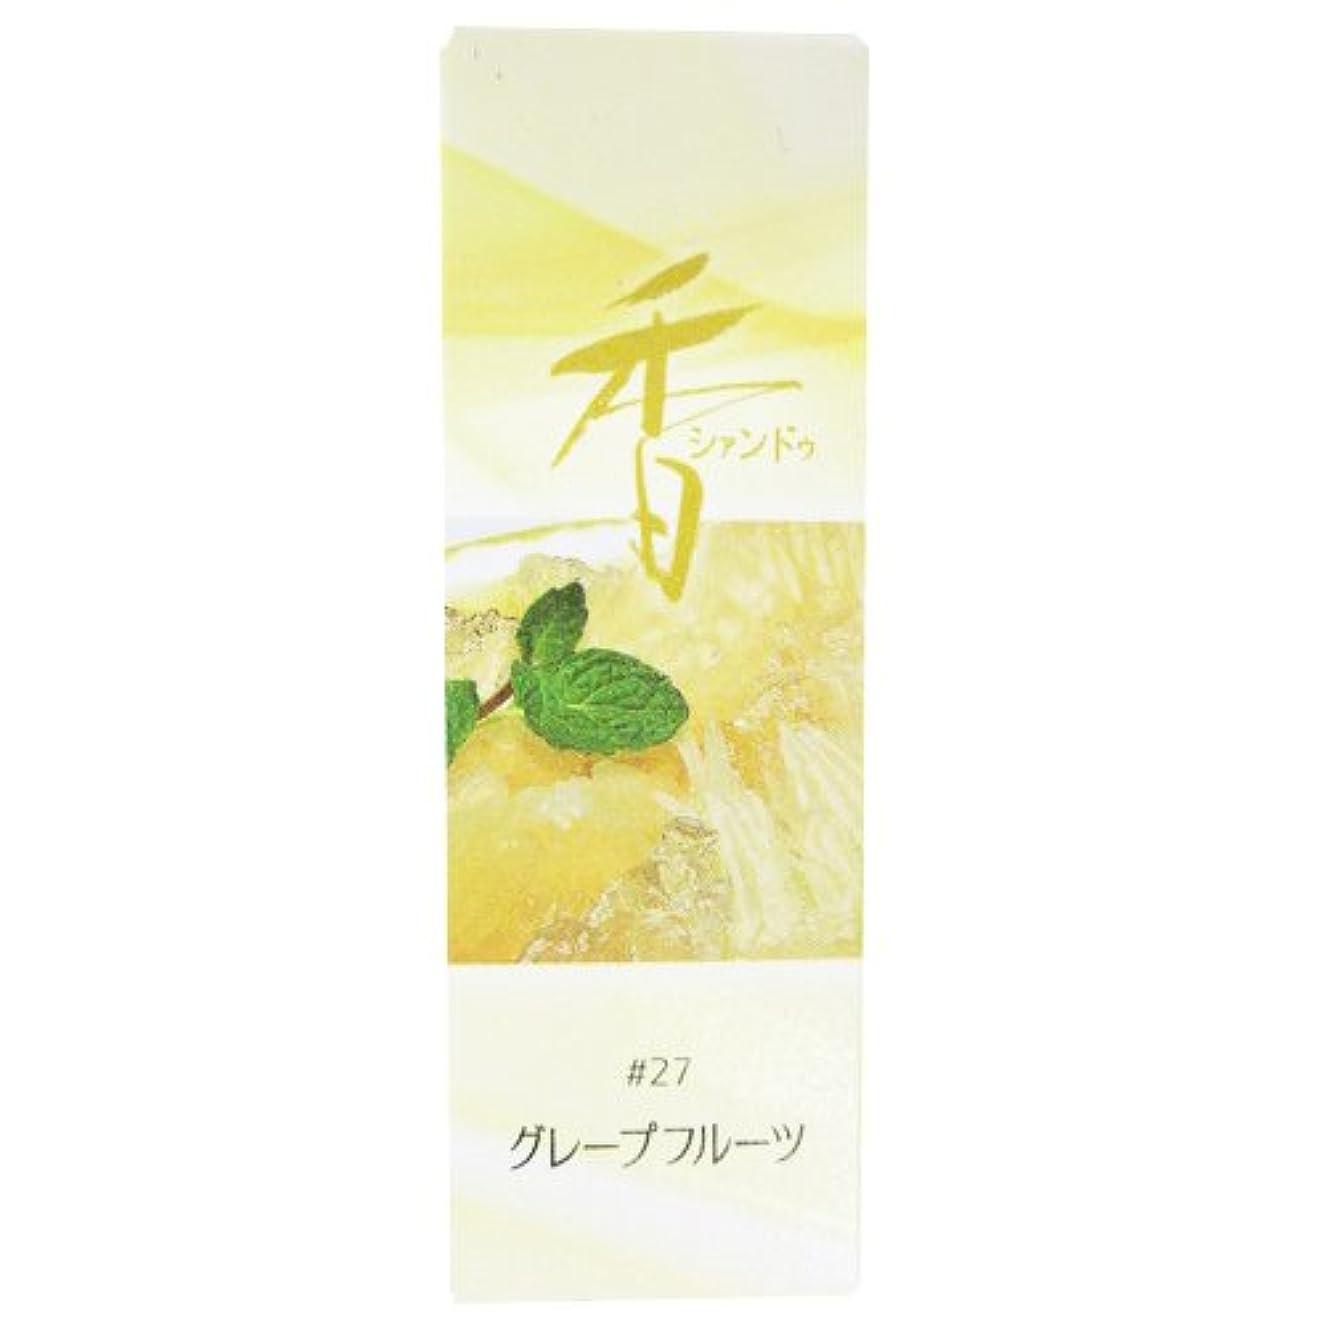 松明感謝する溶融松栄堂のお香 Xiang Do(シャンドゥ) グレープフルーツ ST20本入 簡易香立付 #214227